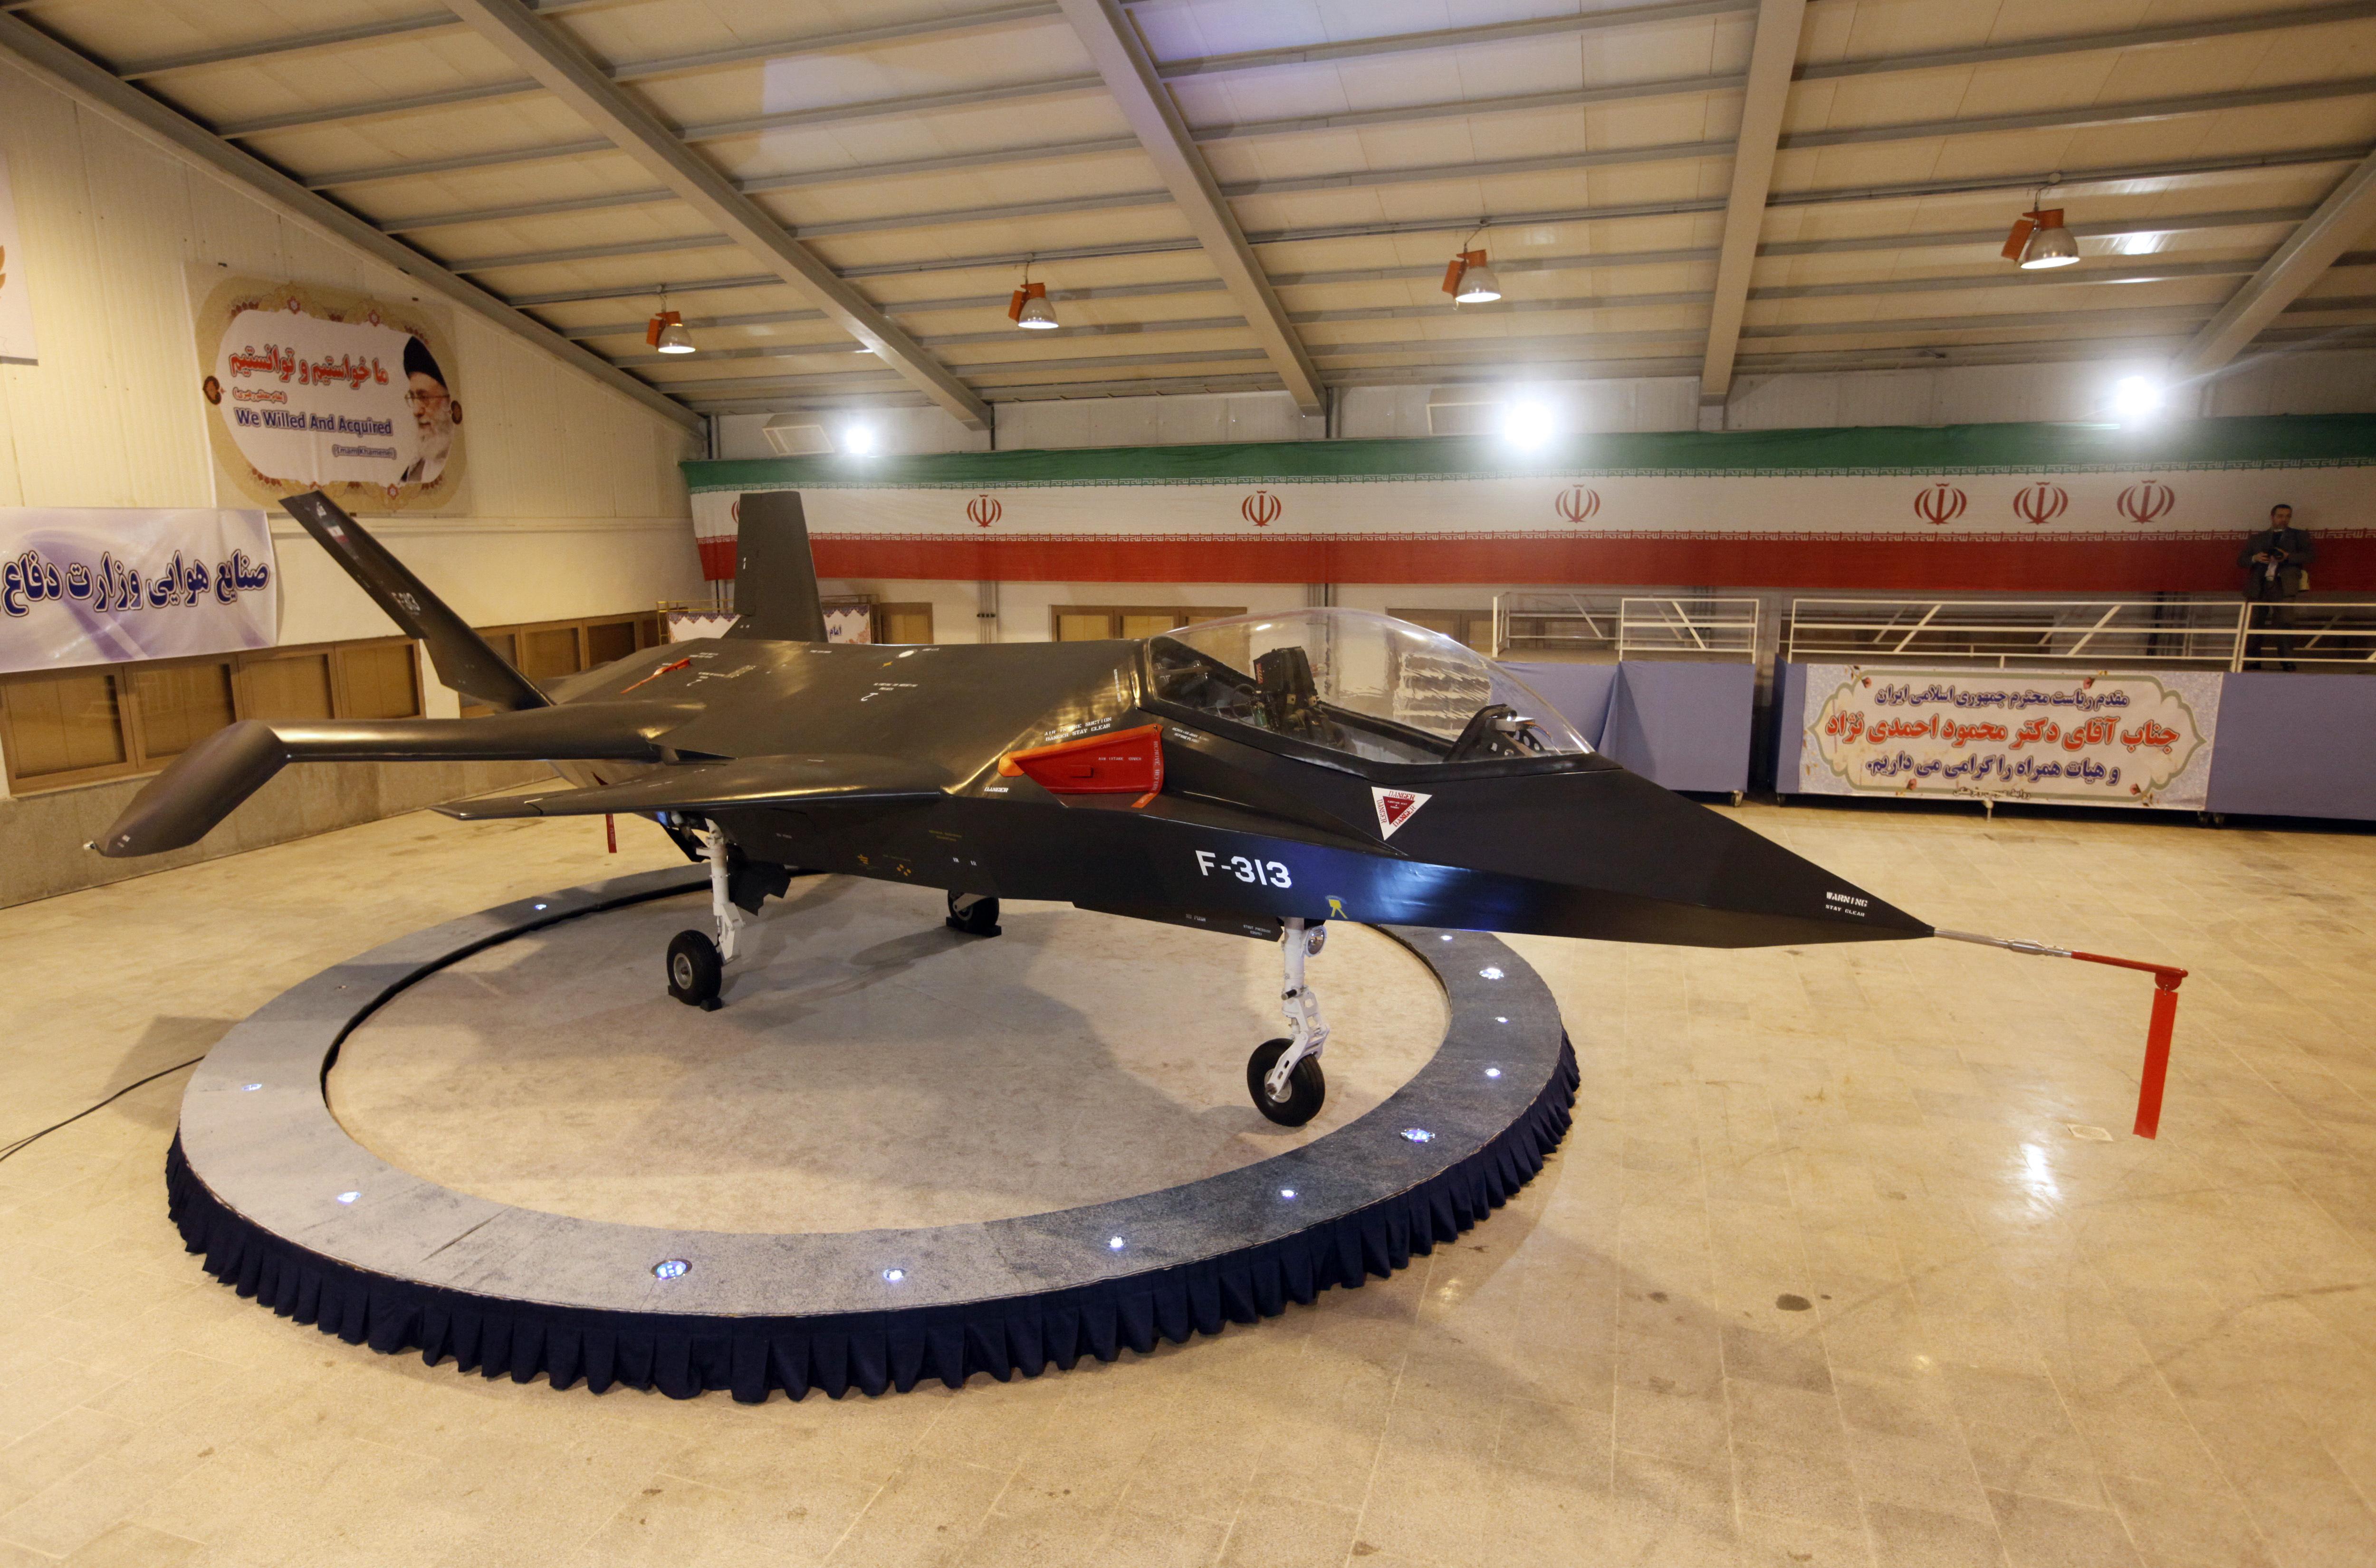 """إيران تدعي صنع طائرة متطورة سمتها """"قاهر"""" تضاهي طائرة الشبح الأميركية"""